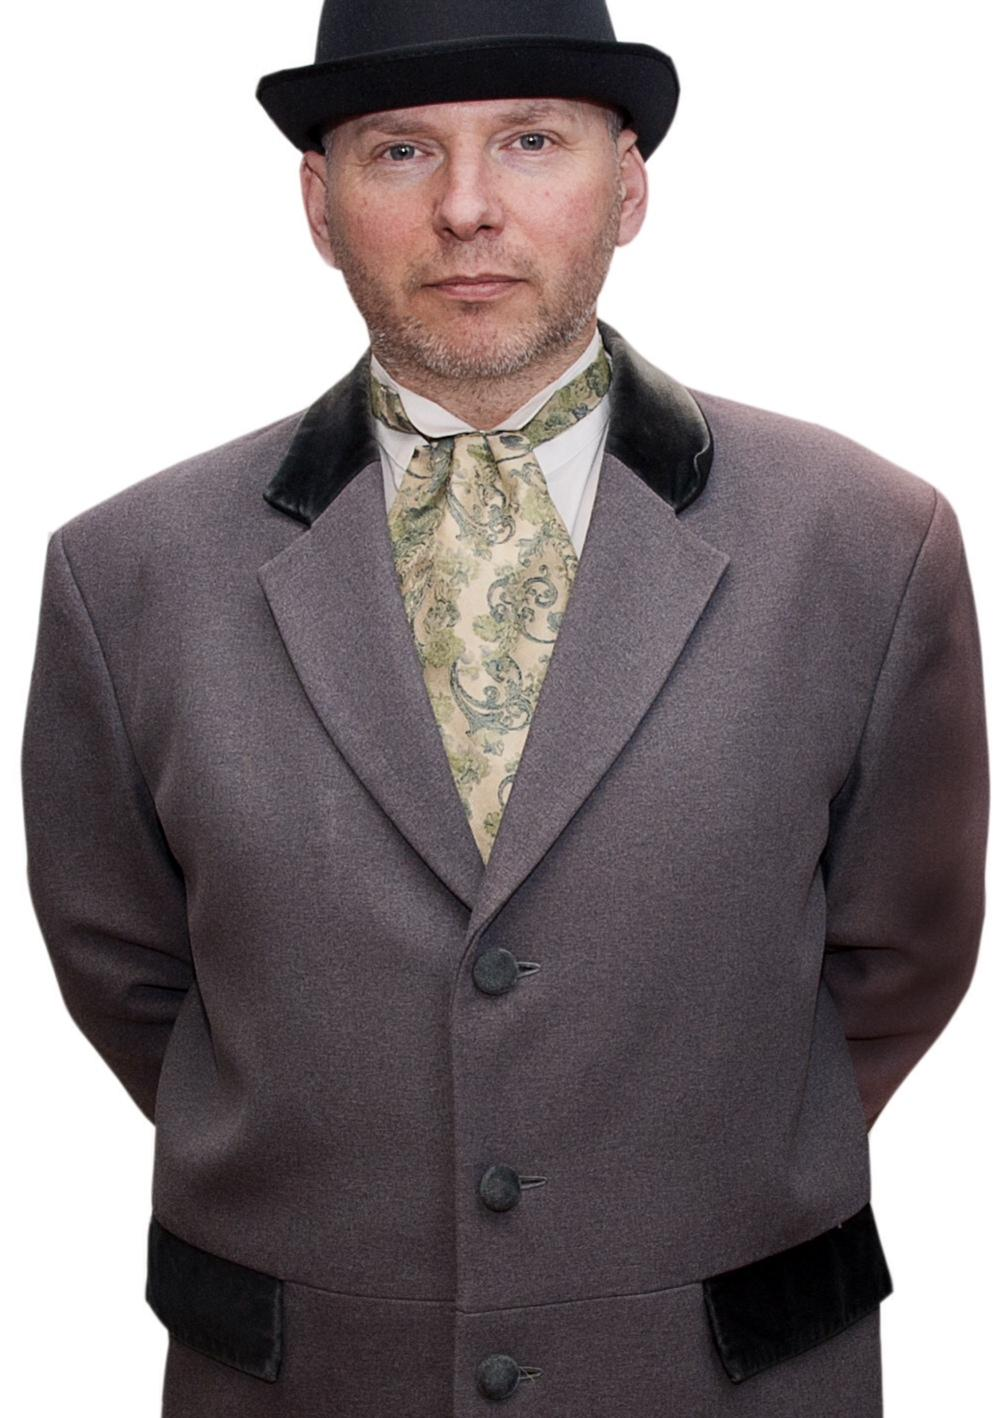 Glenn 1900 Dress x 5.JPG